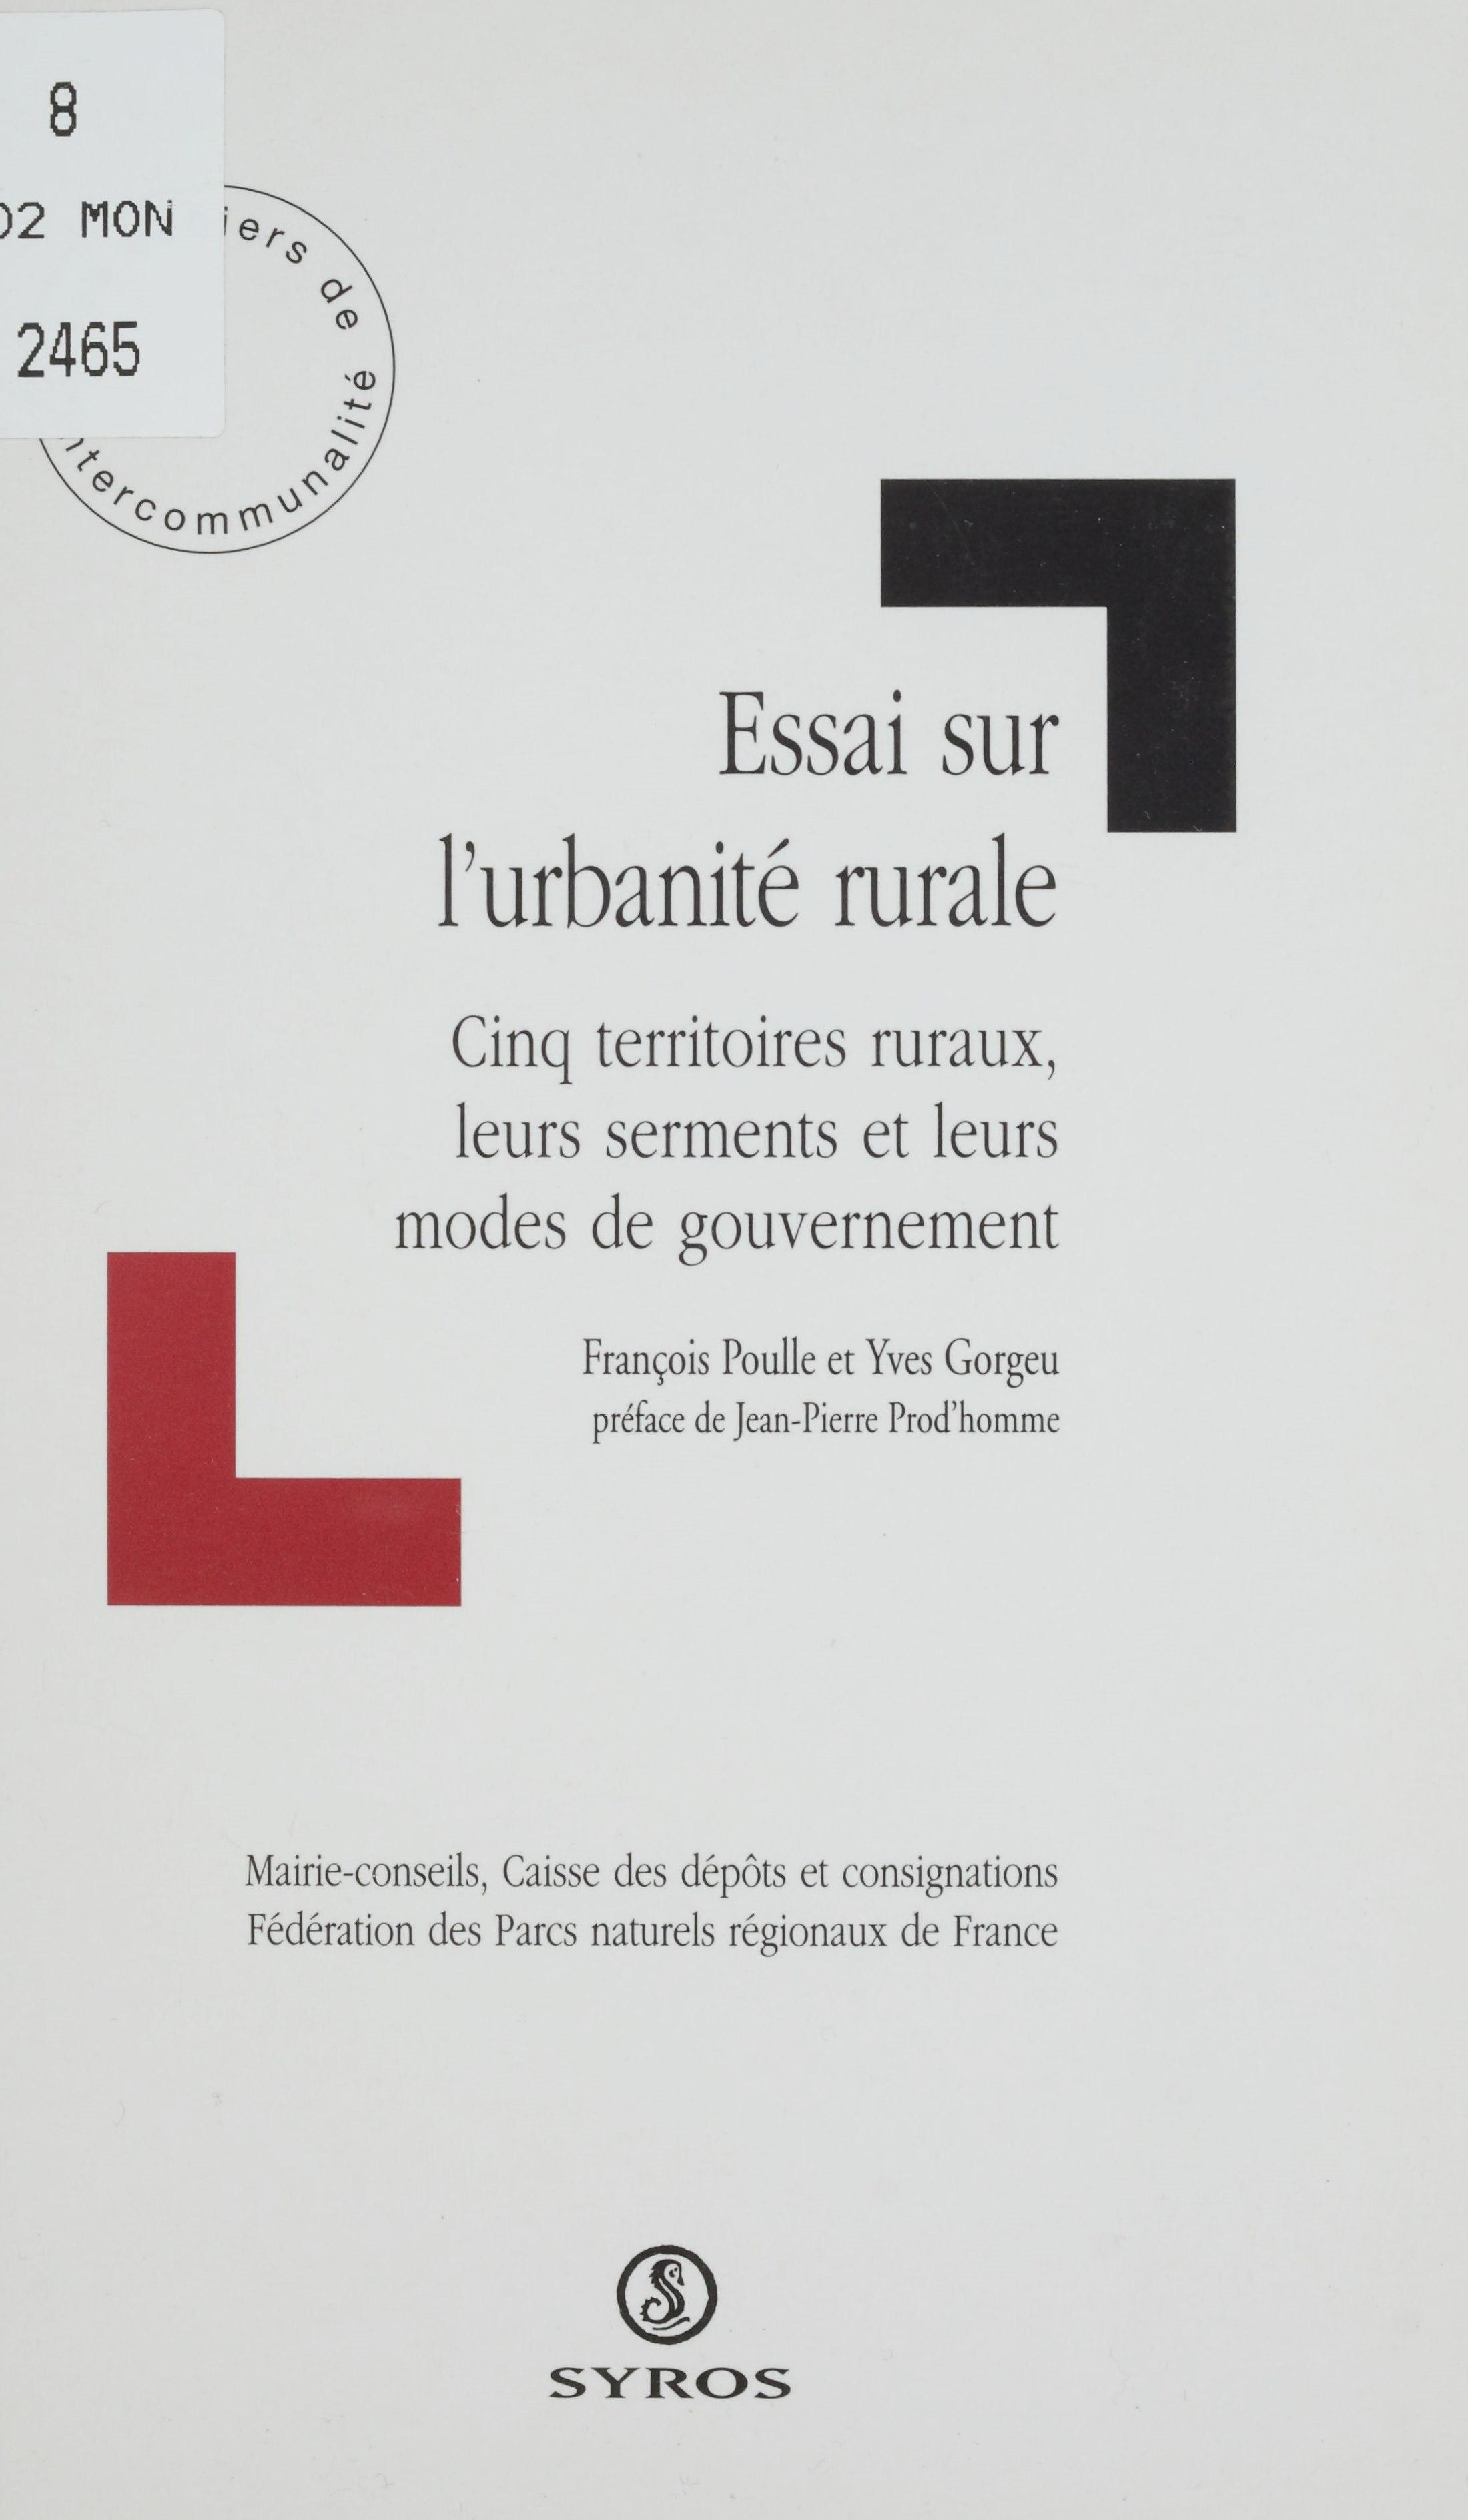 Essai sur l'urbanité rurale, Cinq territoires ruraux, leurs serments et leurs modes de gouvernement